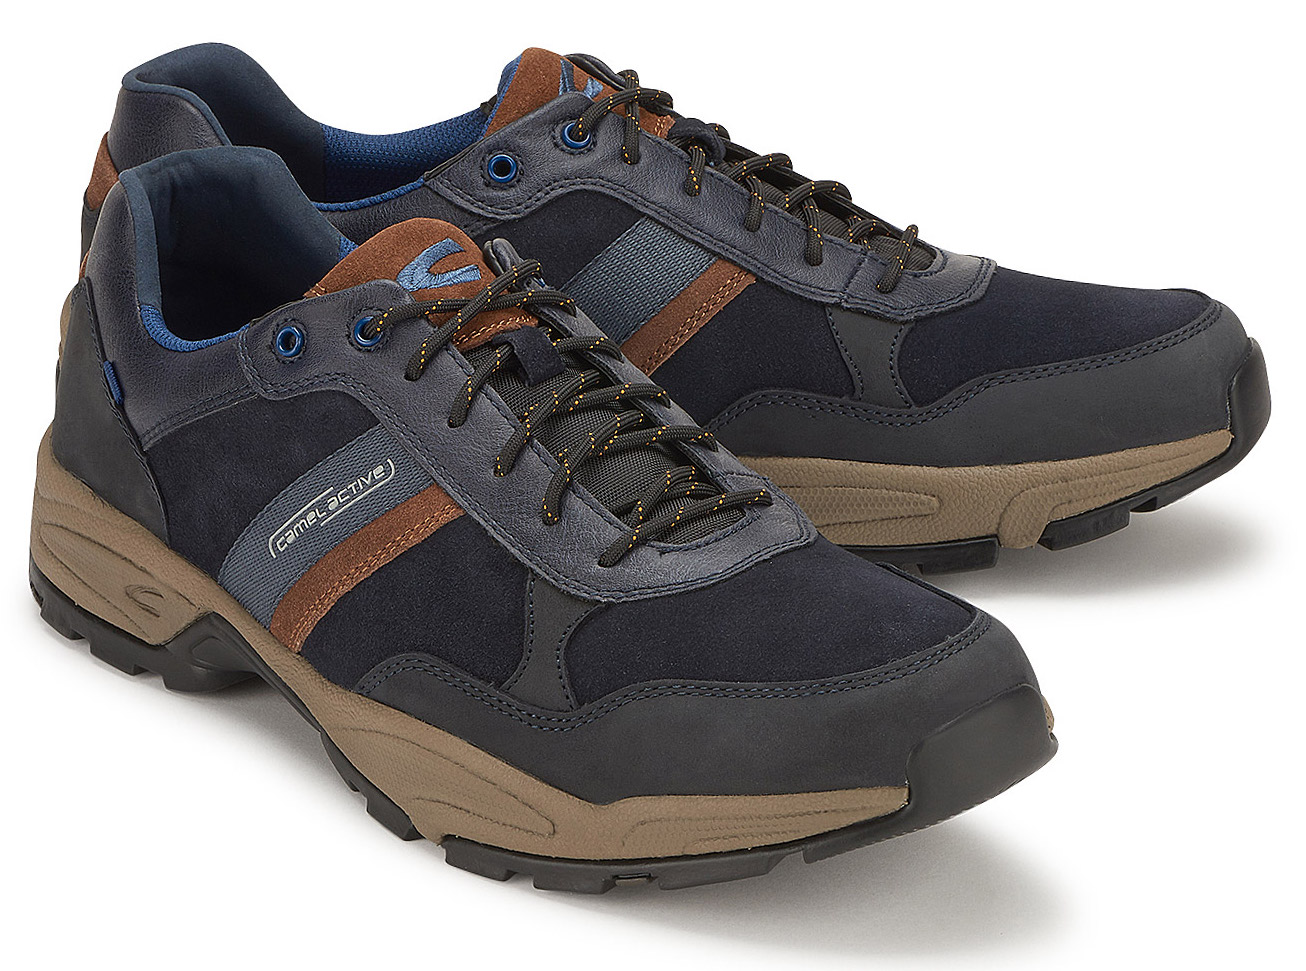 01f58282c4a9 Sneaker in Übergrößen: 7133-29